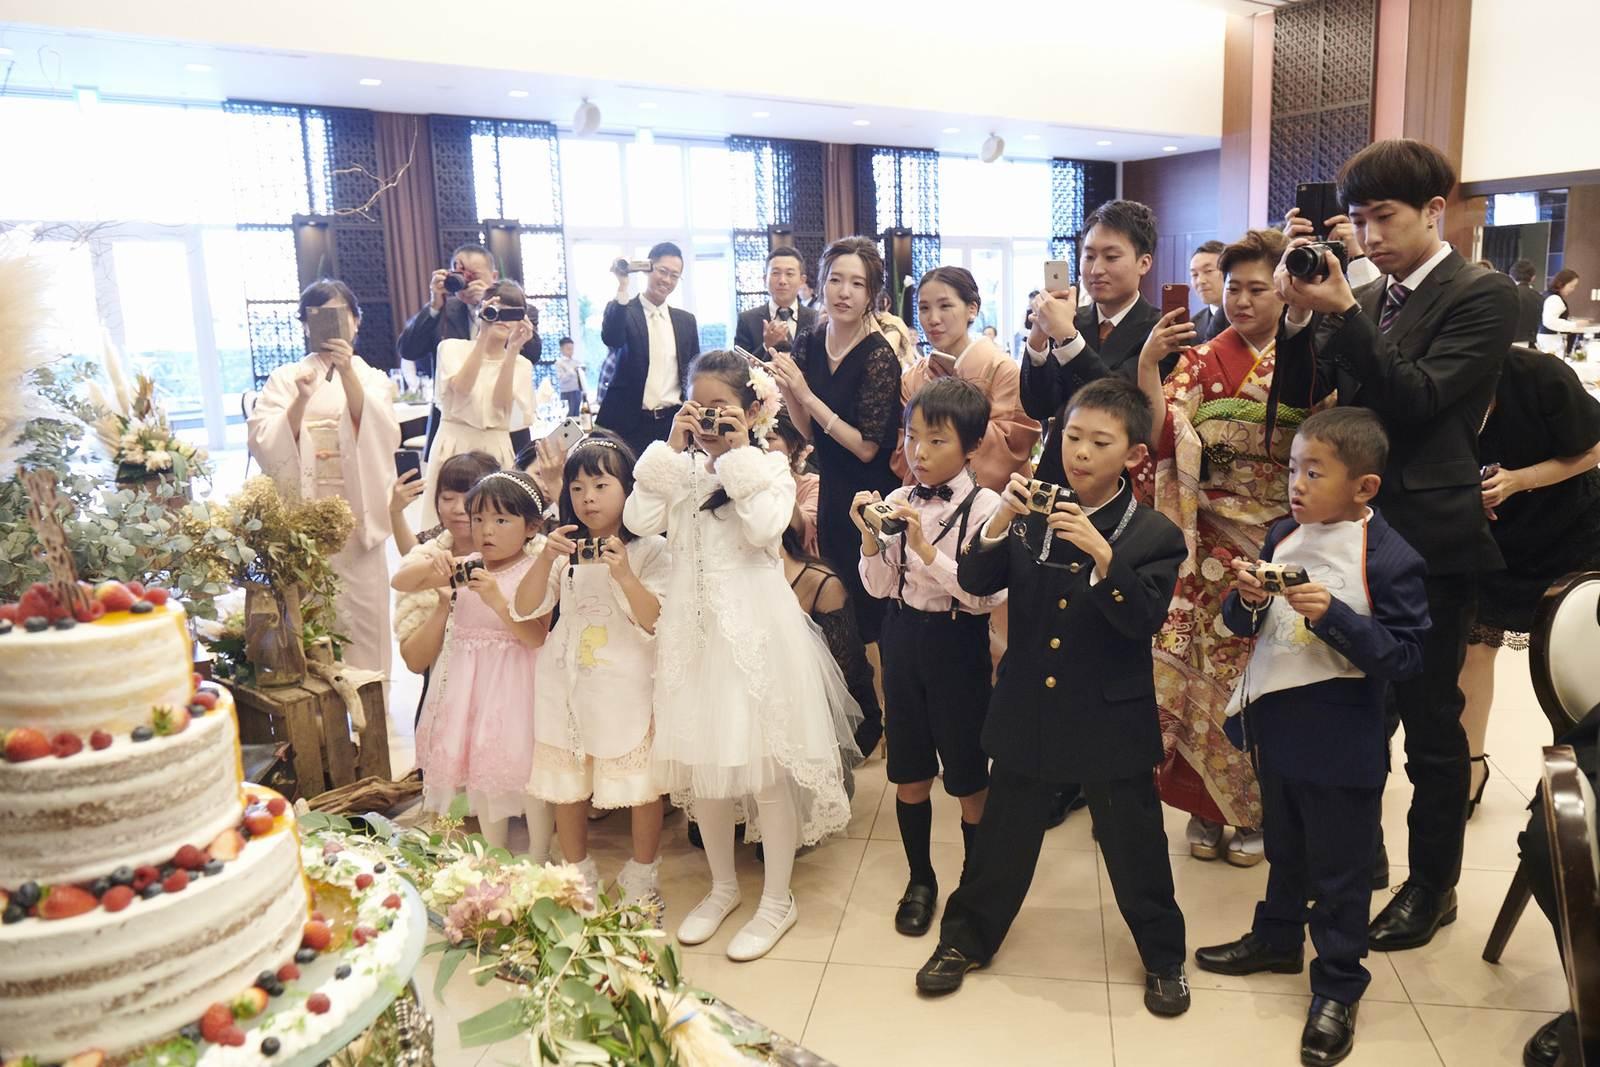 徳島県の結婚式場ブランアンジュでウエディングケーキ入刀を撮影するゲスト